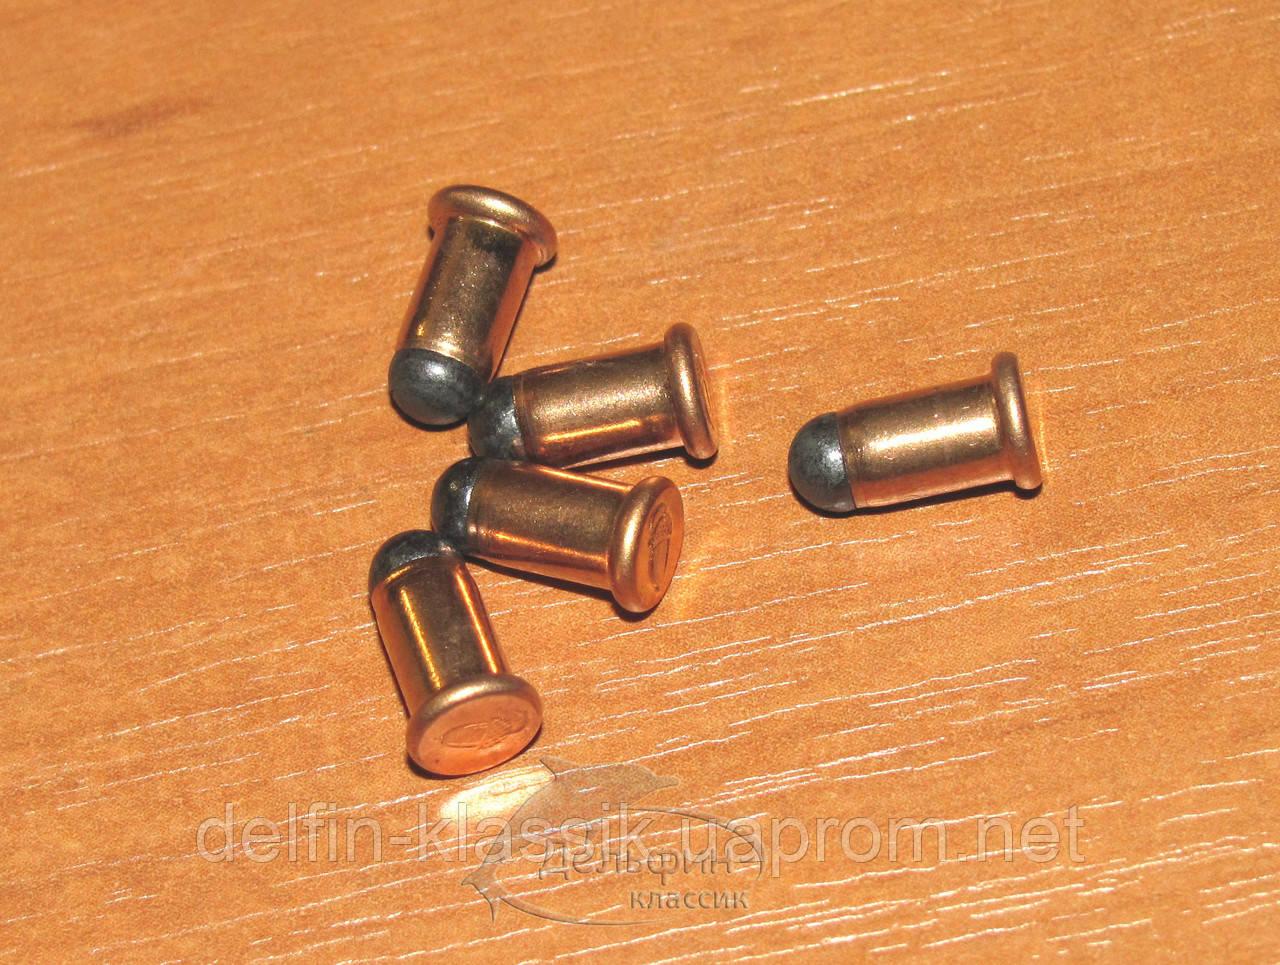 """Патроны Флобера Dynamit Nobel Flobert 4 mm 0.5 г 1 шт - интернет-магазин """"Дельфин-Классик"""" в Шостке"""